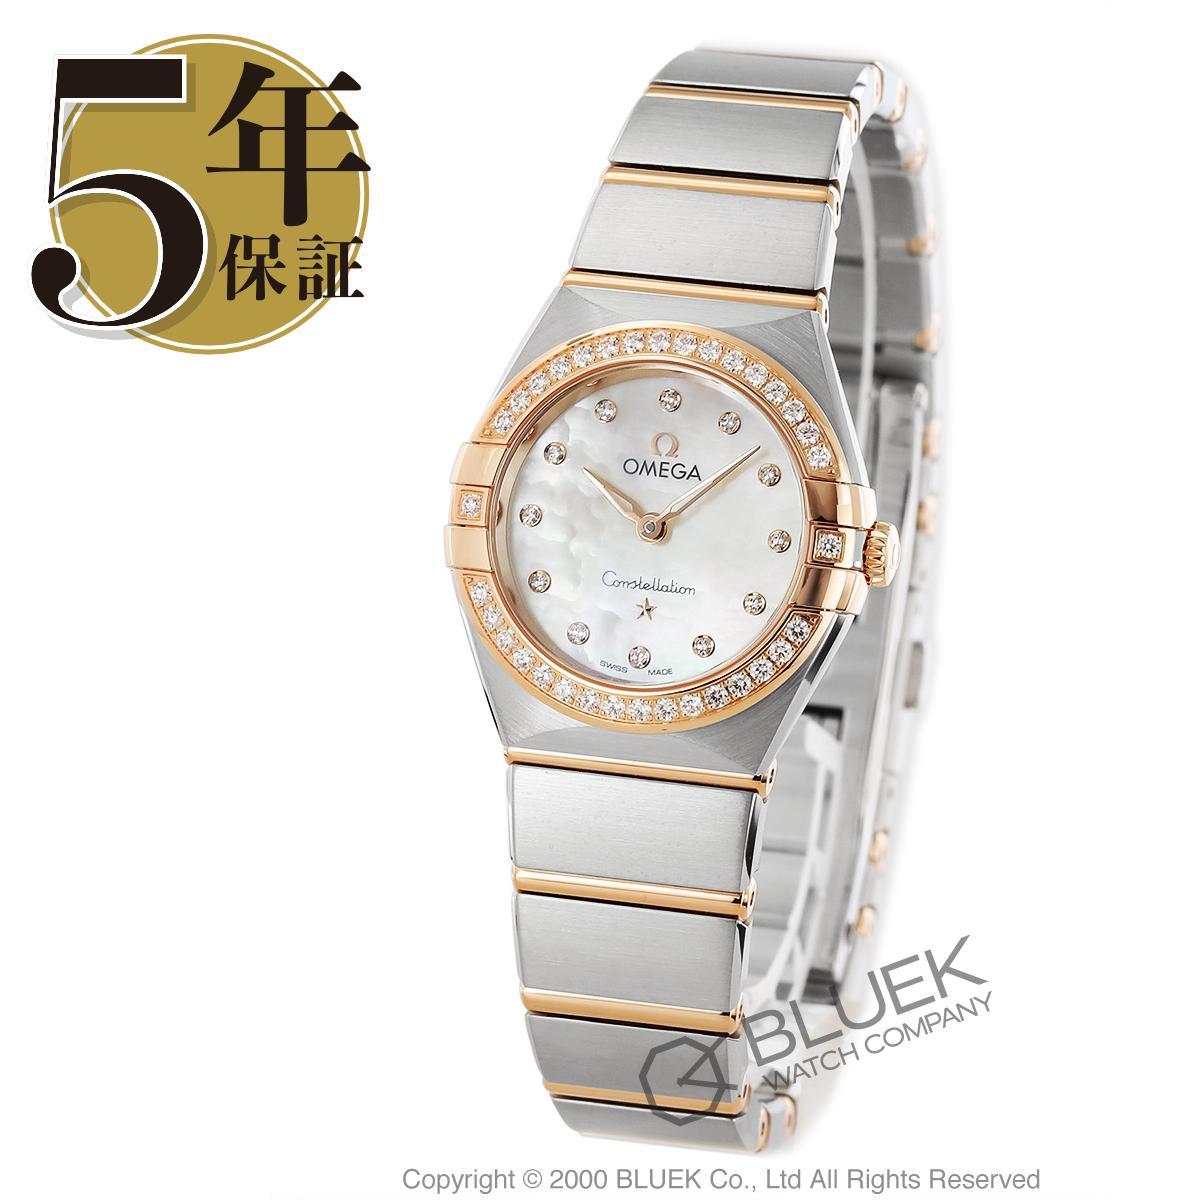 オメガ コンステレーション ブラッシュ マンハッタン ダイヤ 腕時計 レディース OMEGA 131.25.25.60.55.001_5